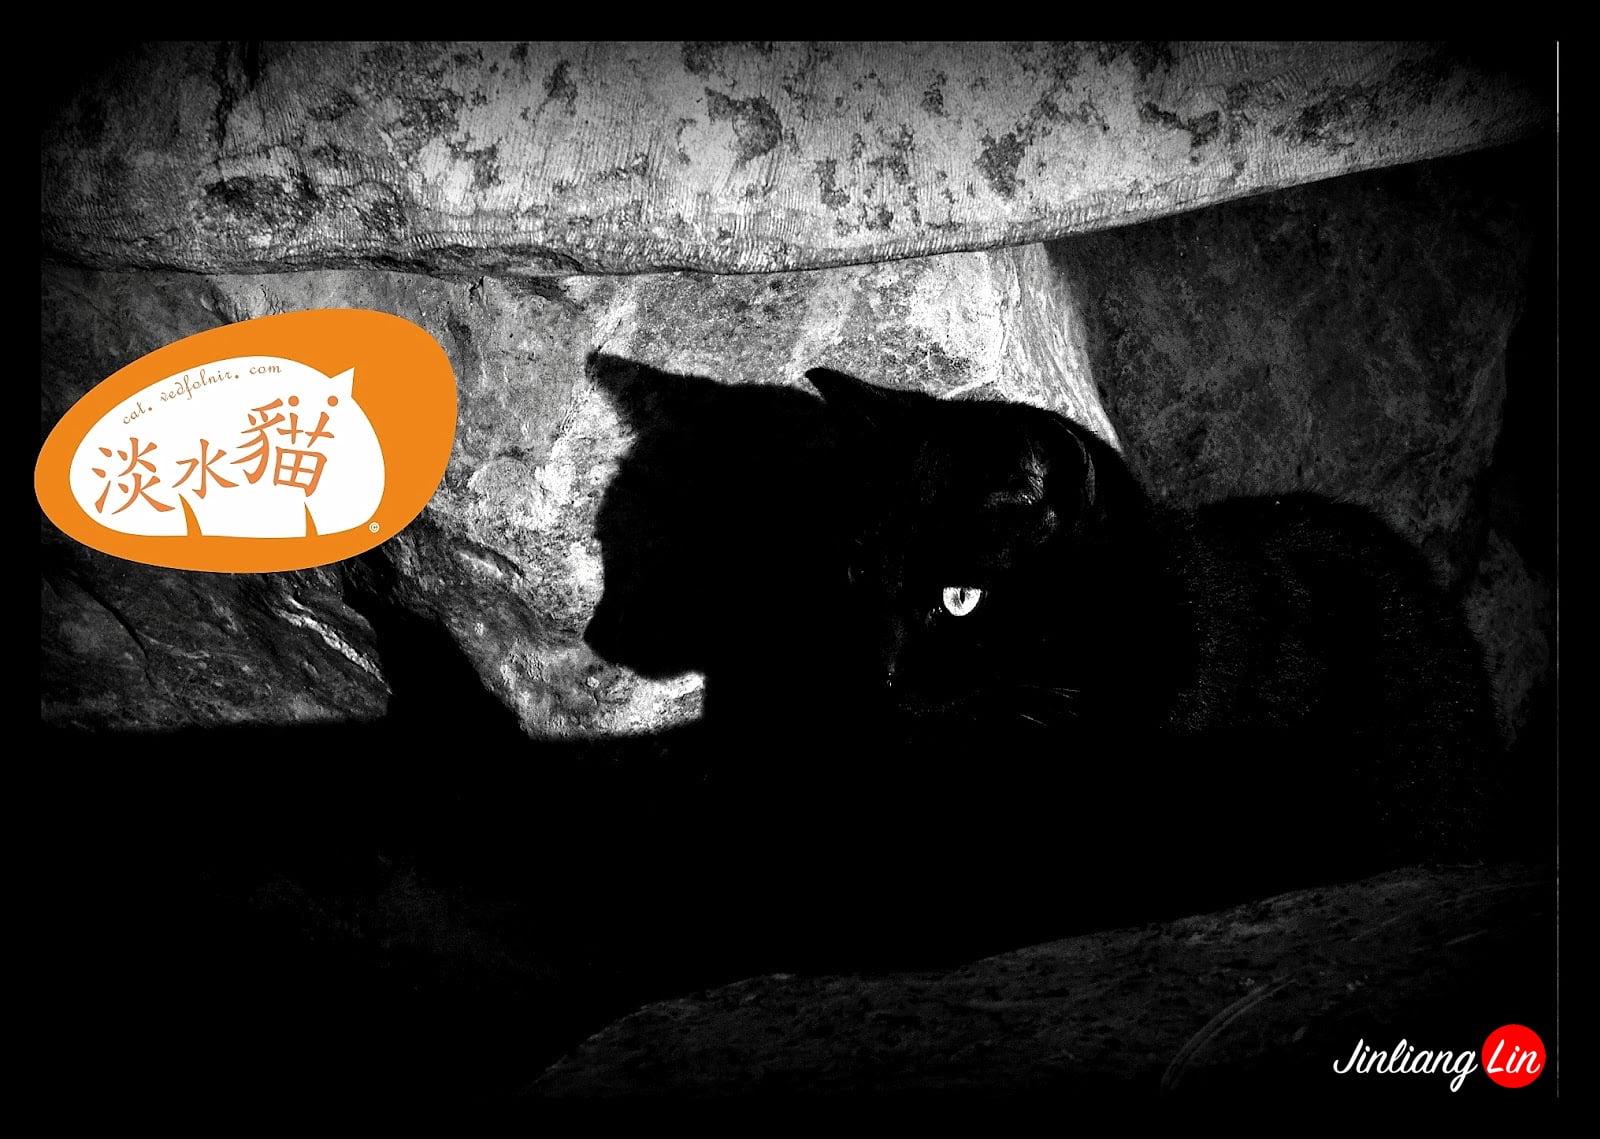 百貓物語:淡水黑社會之神秘貓君